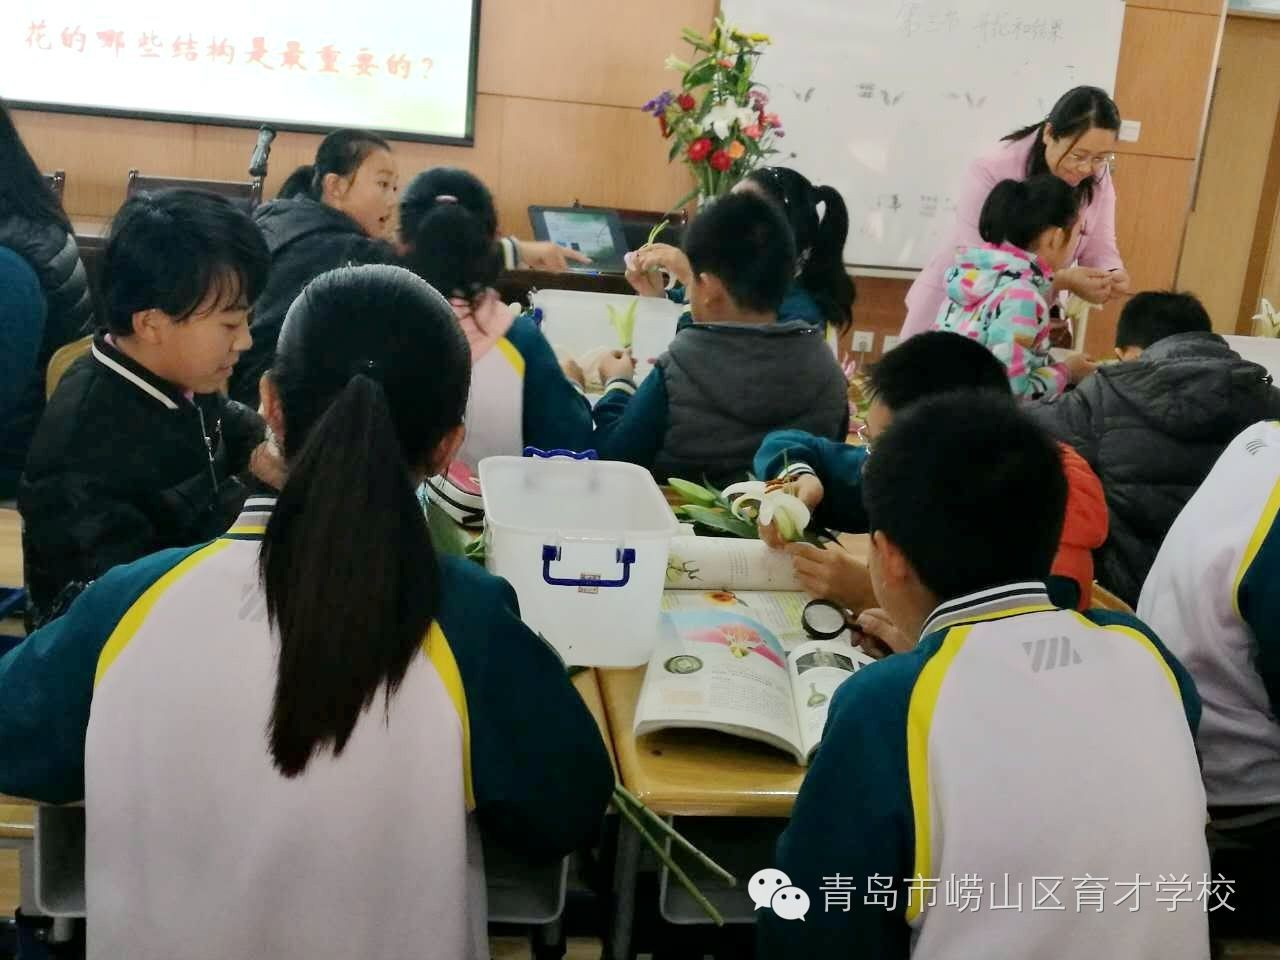 青岛市初中生物教学中生物科学史教育的研究2017会考初中答案天津图片